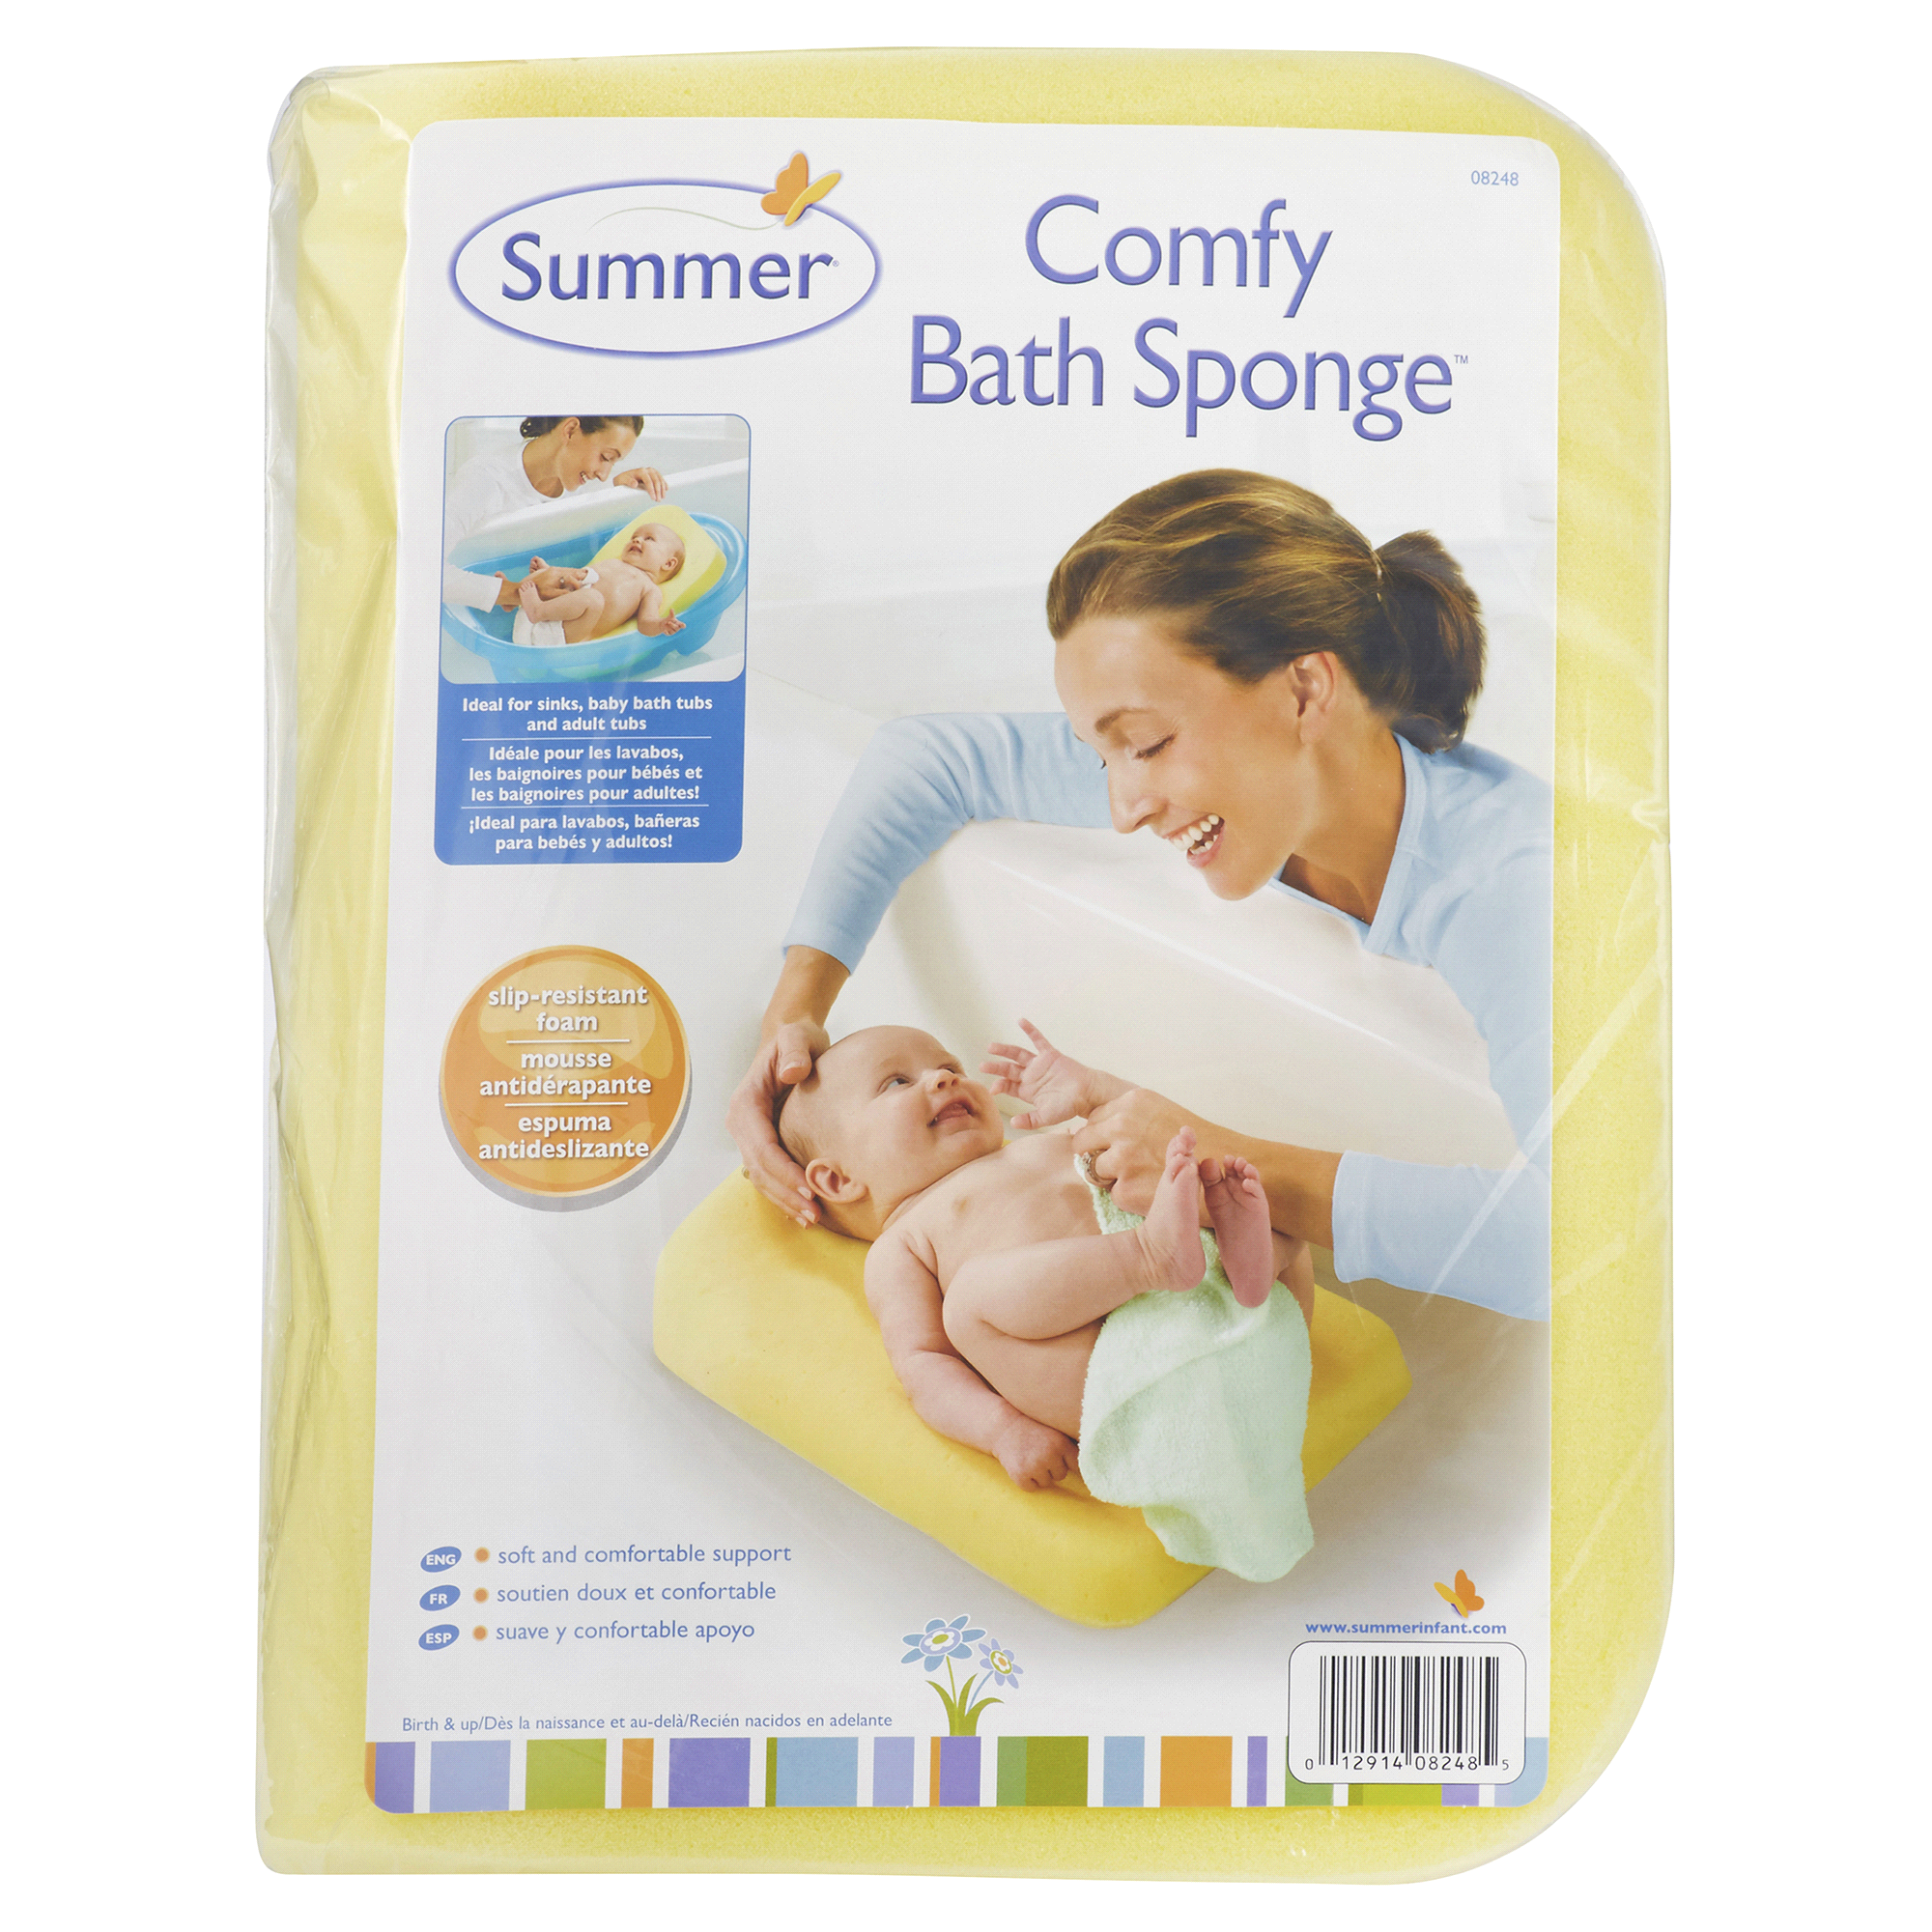 Summer Infant Comfy Bath Sponge | Meijer.com